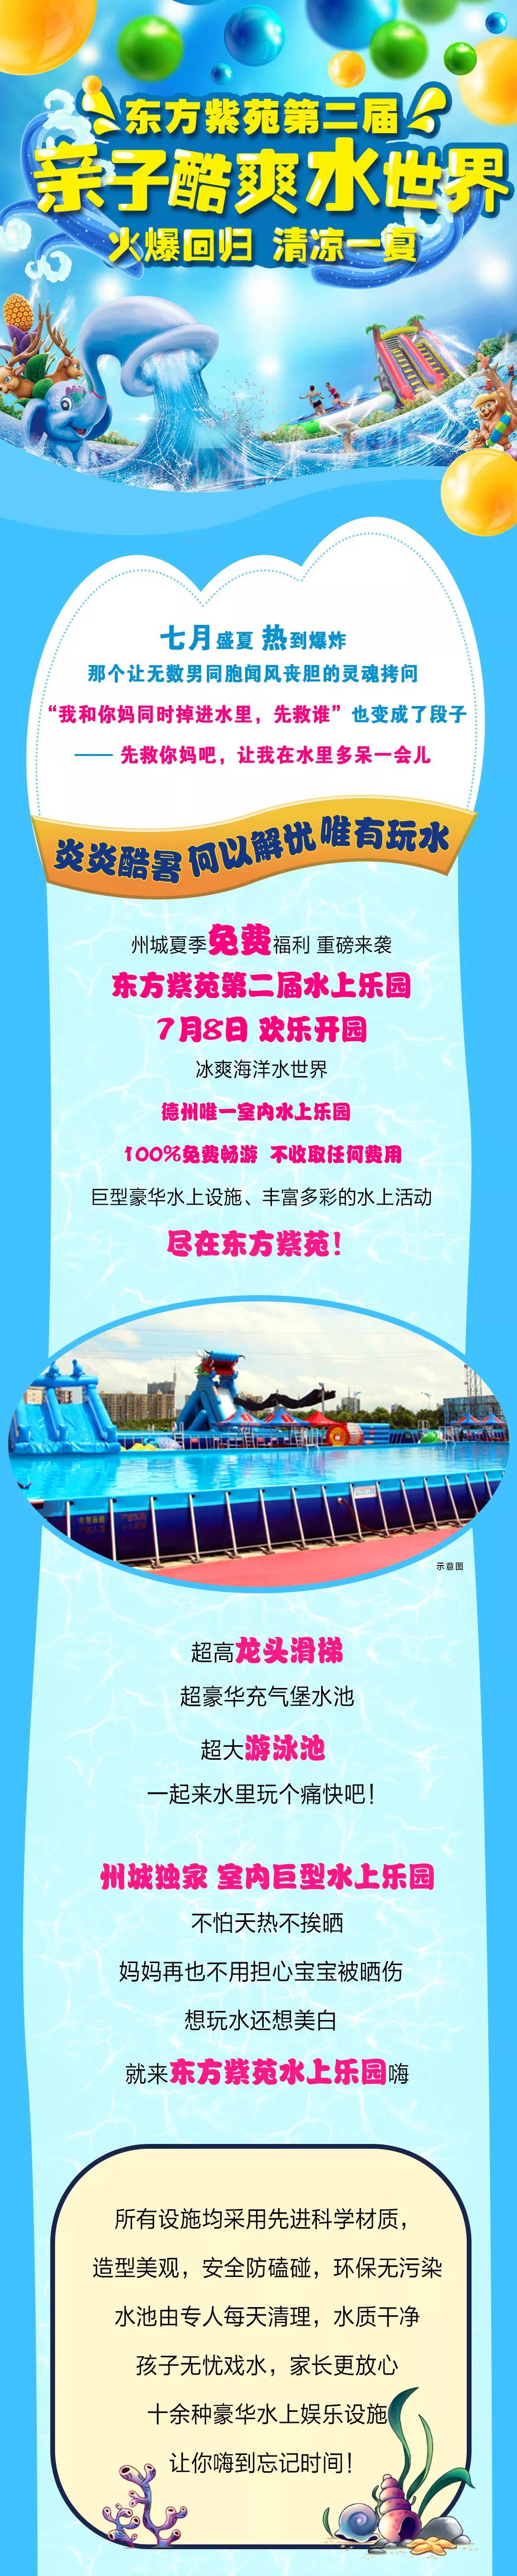 【水上乐园嗨玩】室内水上乐园免费畅游!